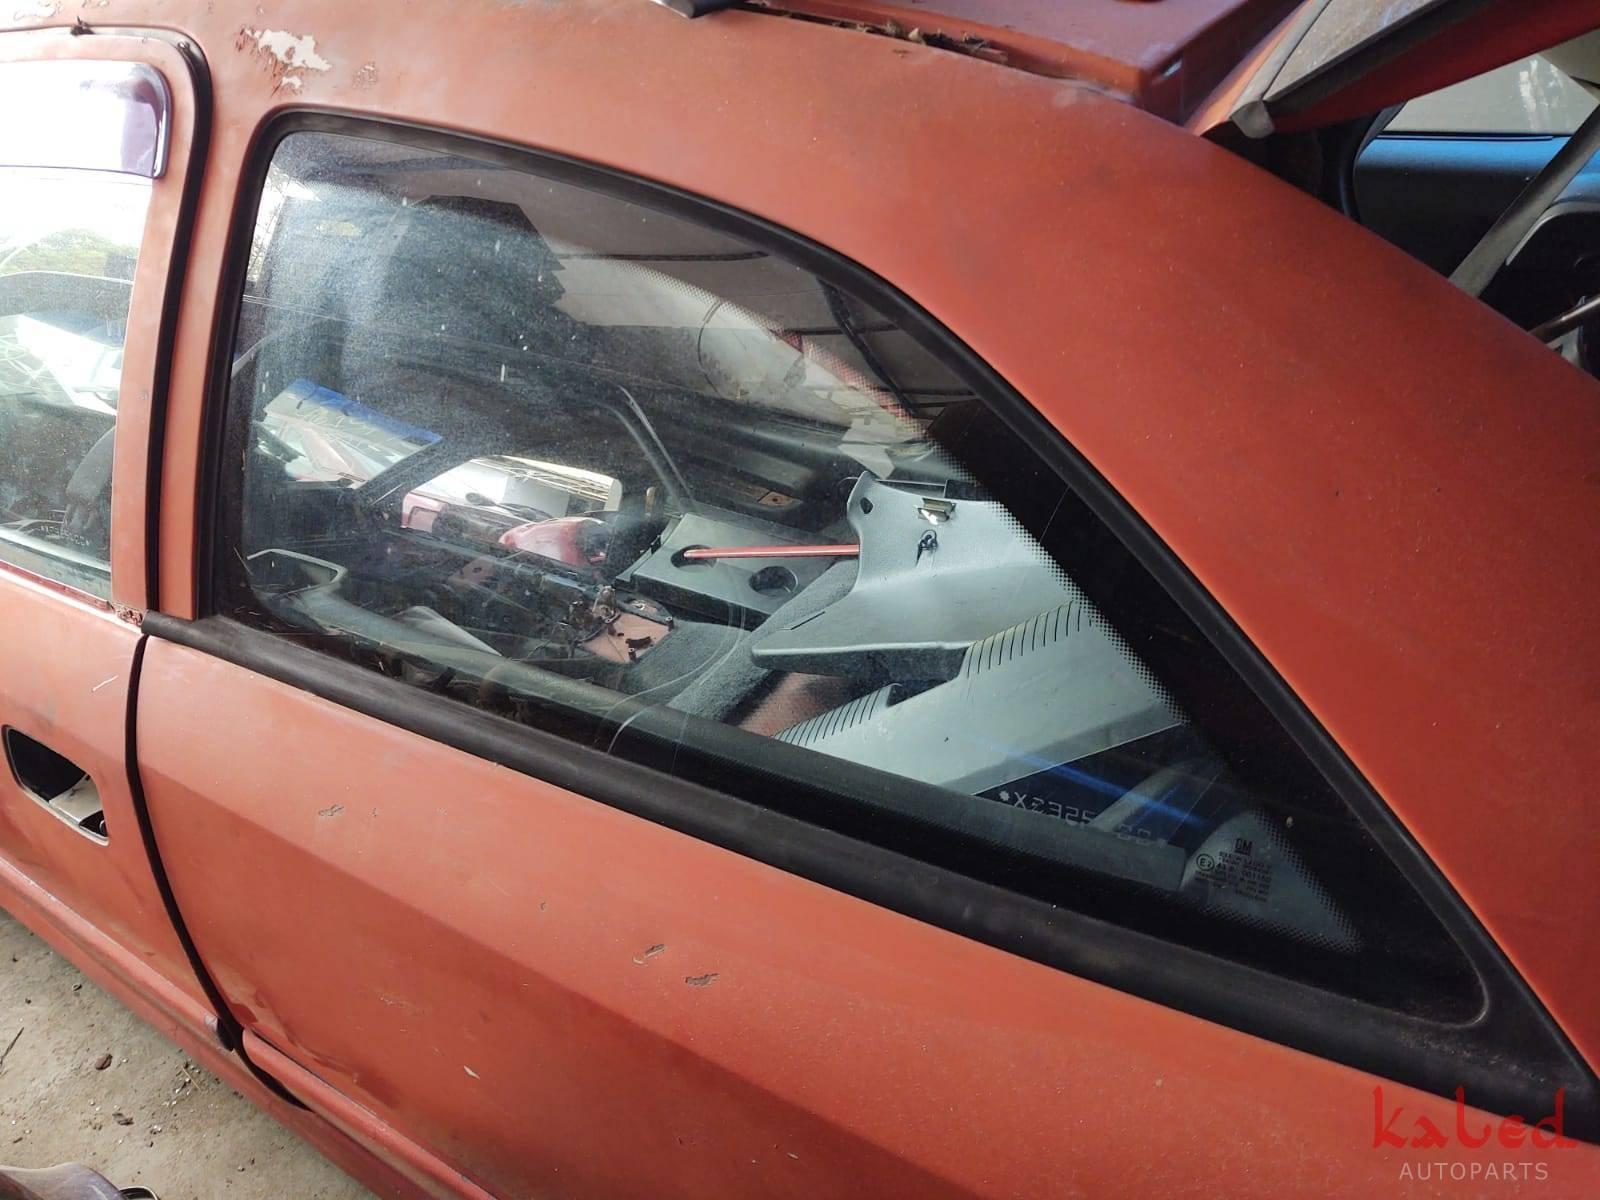 Vidro traseiro esquerdo original GM Astra 2 portas - Kaled Auto Parts